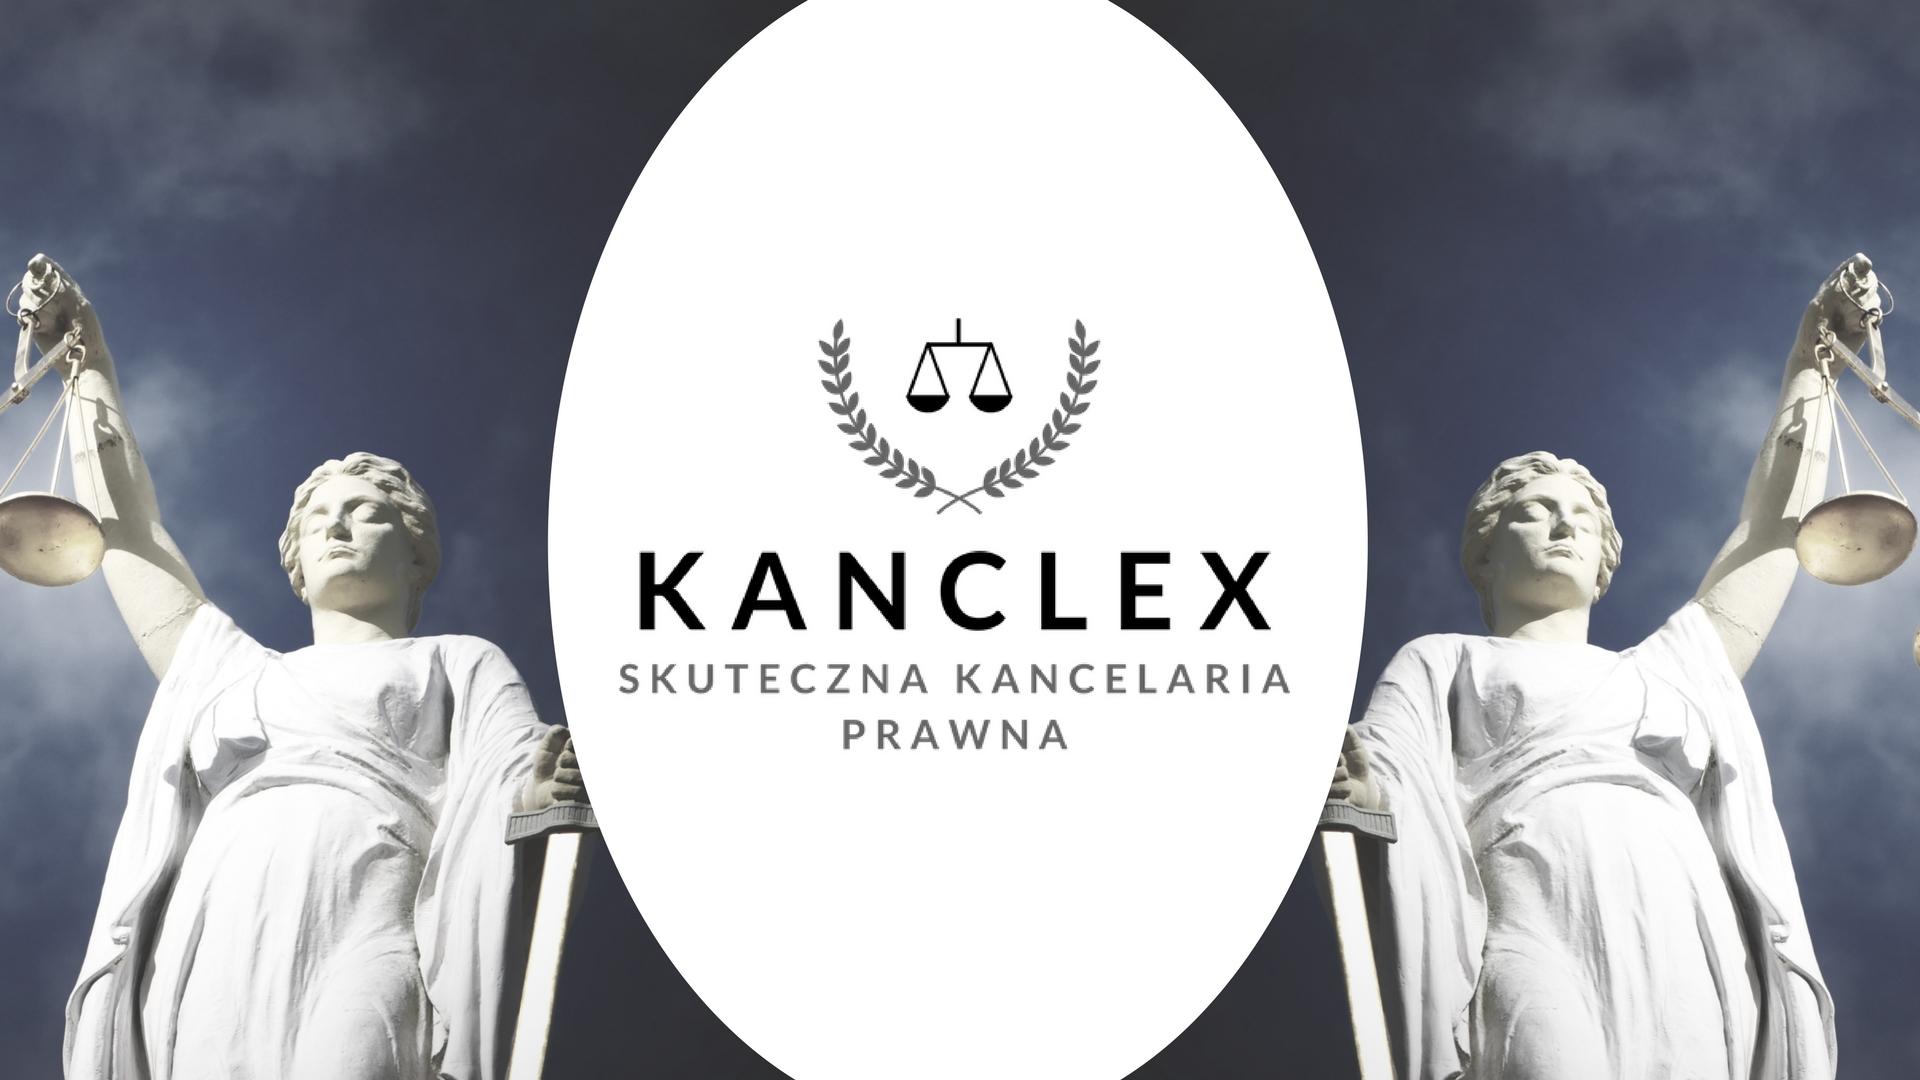 Porady Prawne Gdynia Kanclex